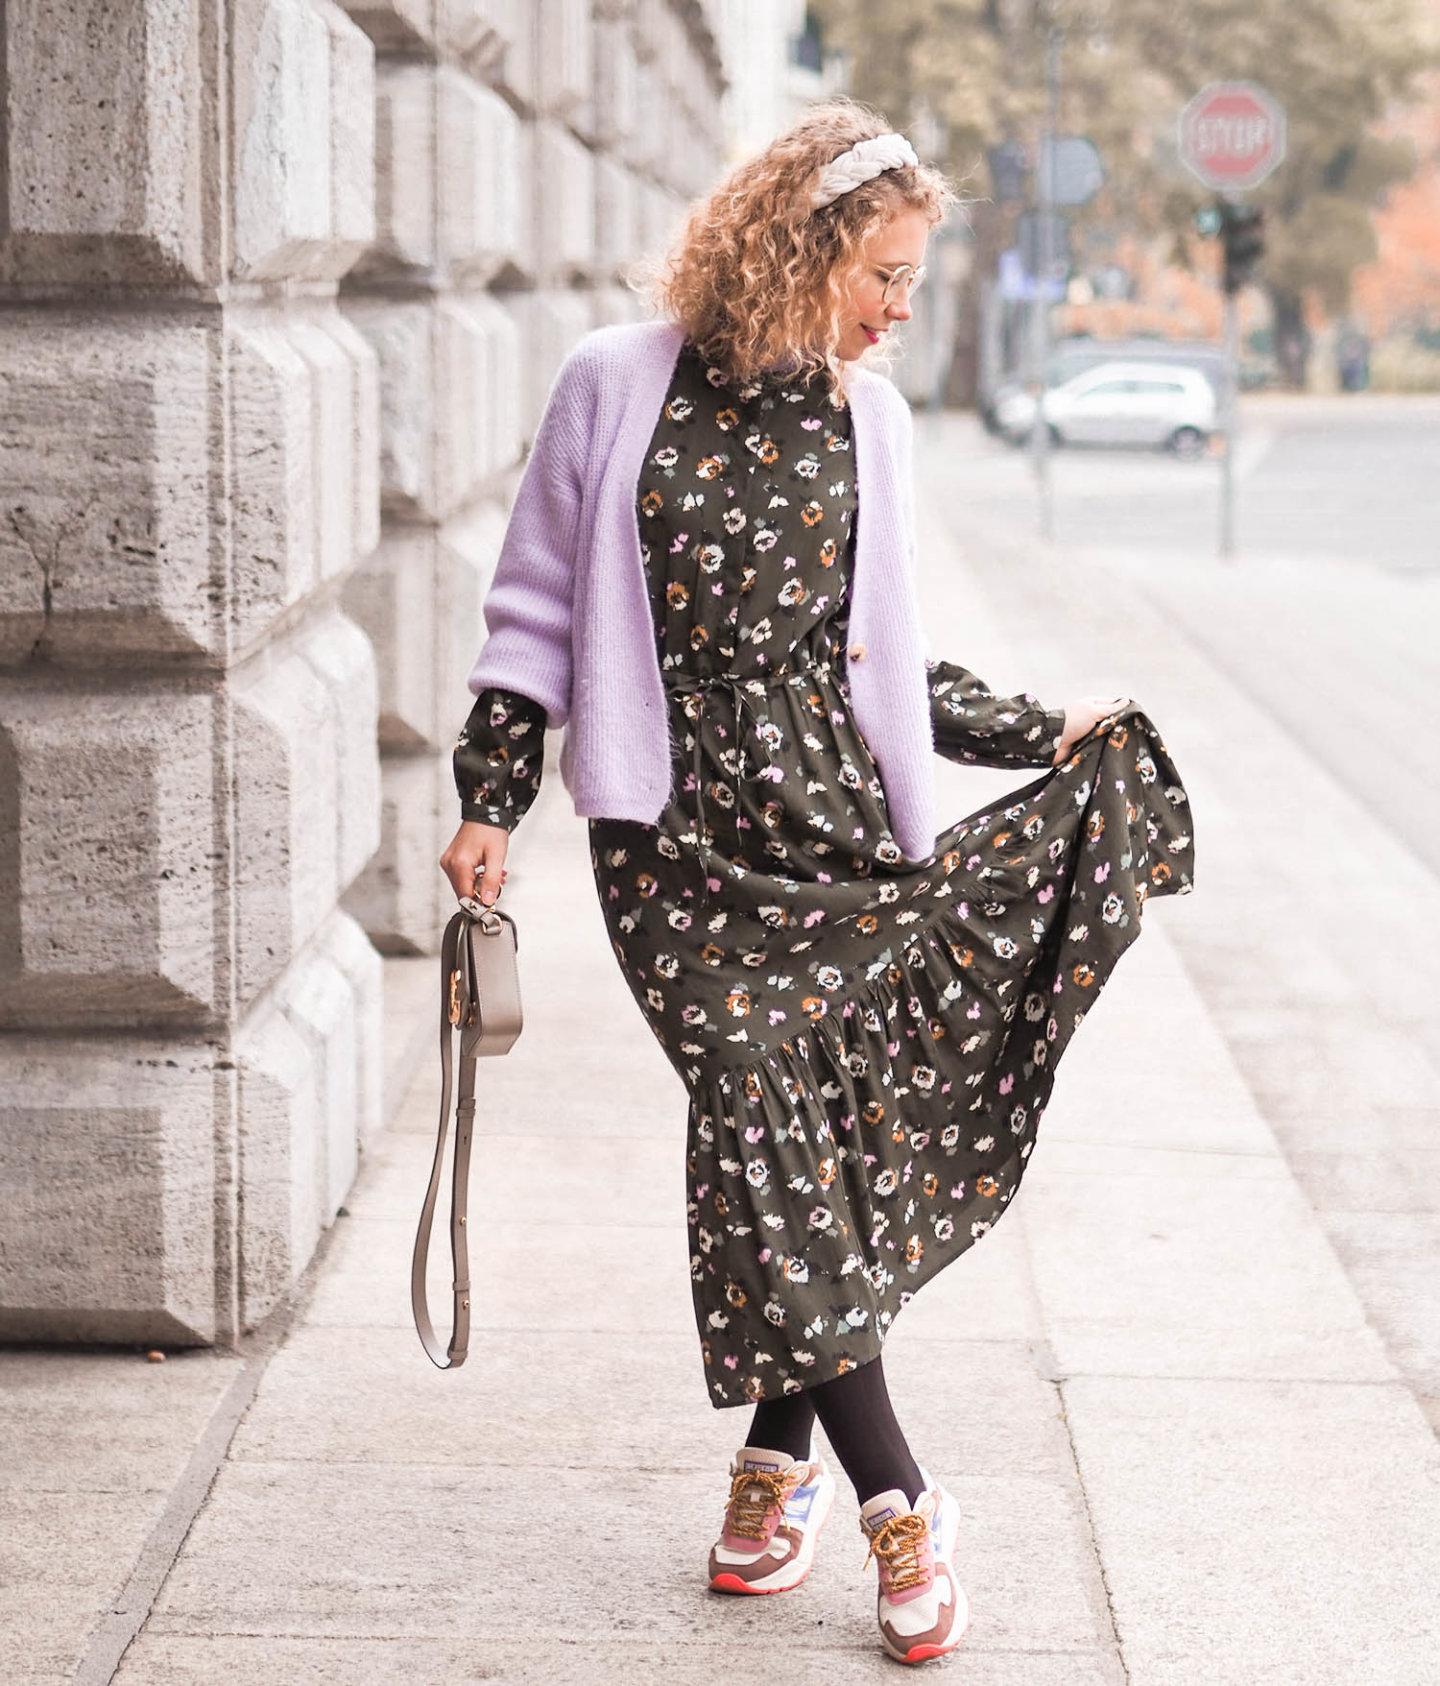 herbstkleid mit cardigan, sneakern und chloé handtasche